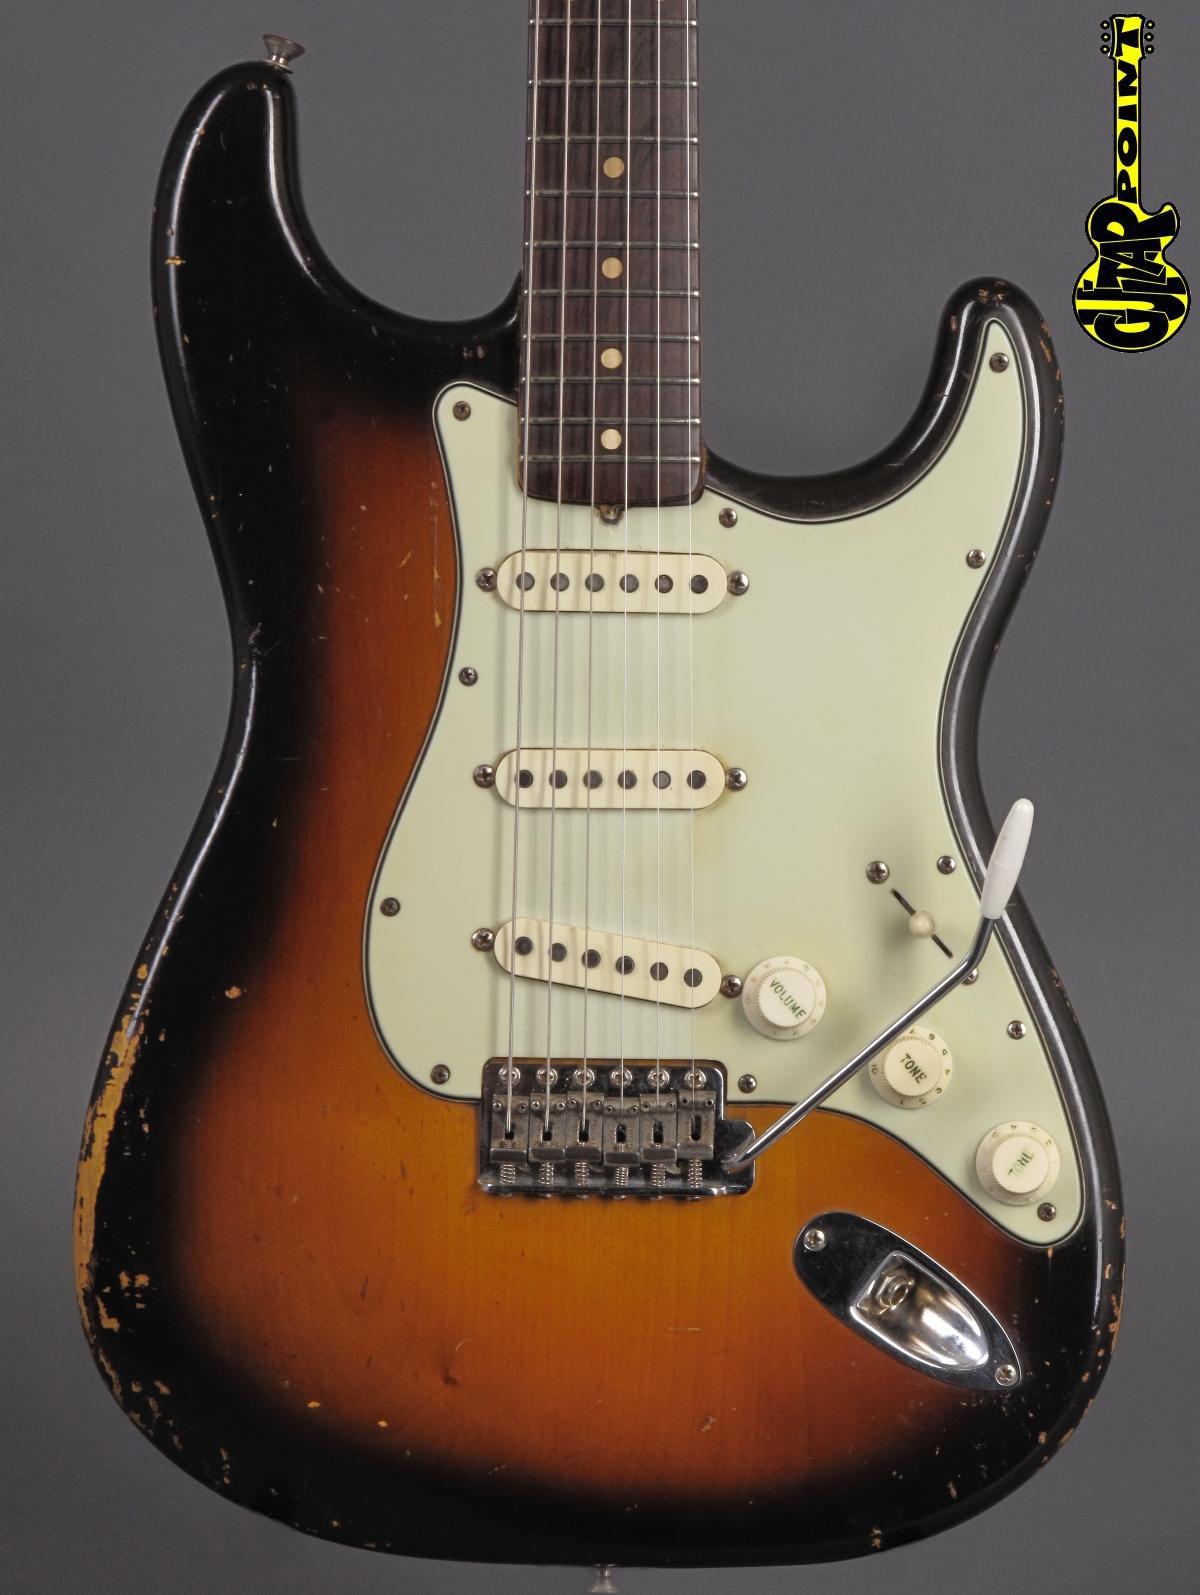 1960 Fender Stratocaster - 3-tone Sunburst